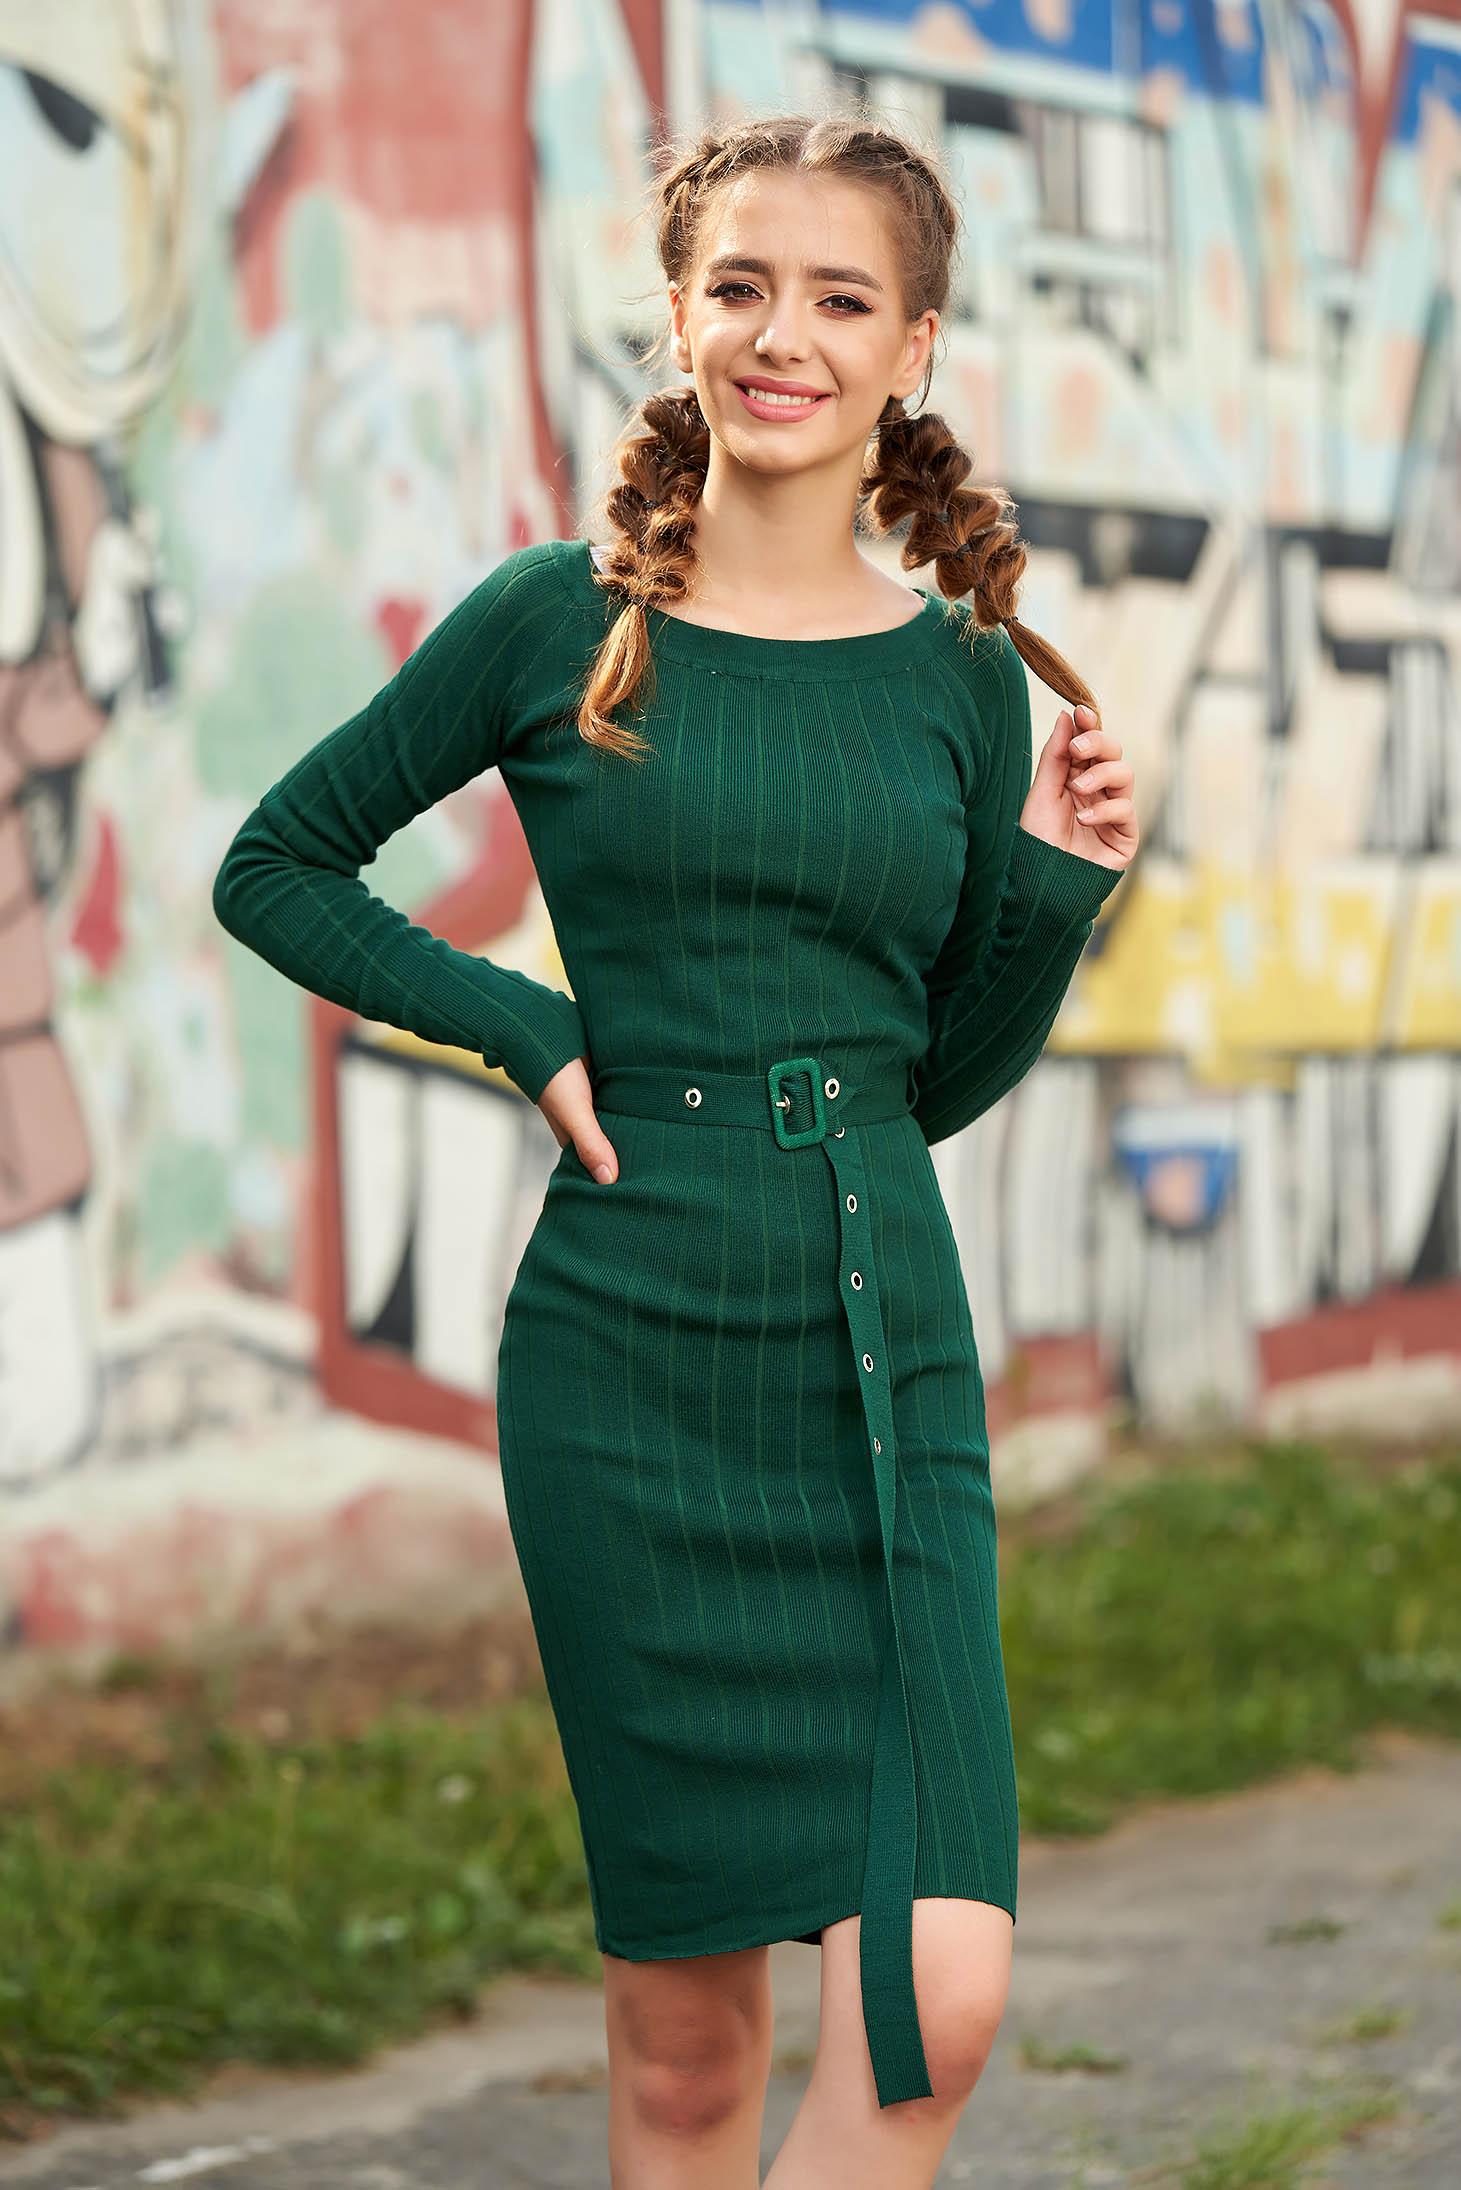 Rochie SunShine verde midi scurta casual tip creion cu decolteu rotunjit cu maneci lungi cu accesoriu tip curea